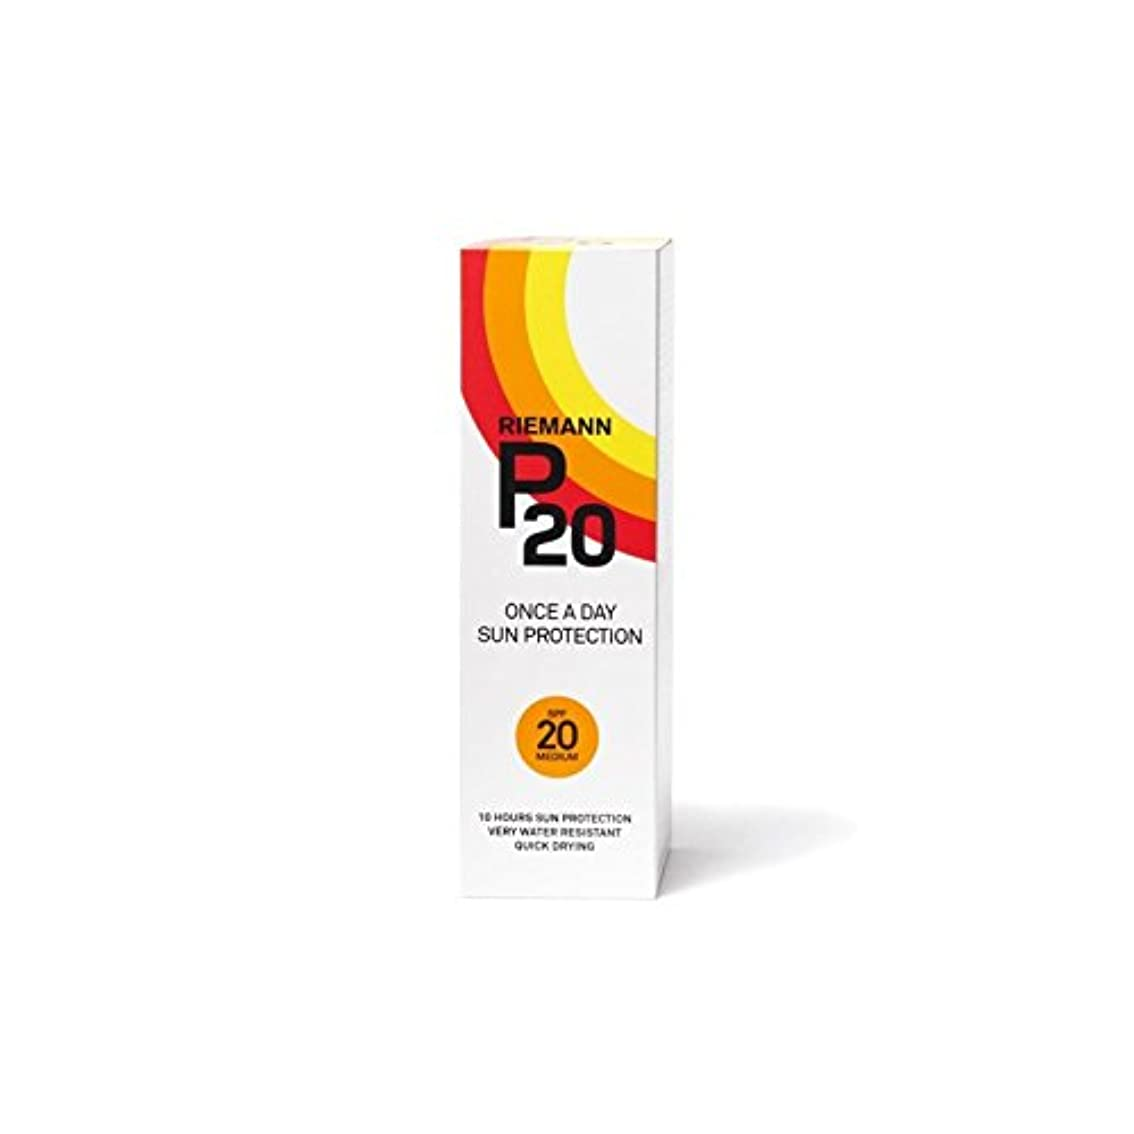 蒸気ブラザー行うRiemann P20 Sun Filter 100ml SPF20 (Pack of 6) - リーマン20のサンフィルター100ミリリットル20 x6 [並行輸入品]